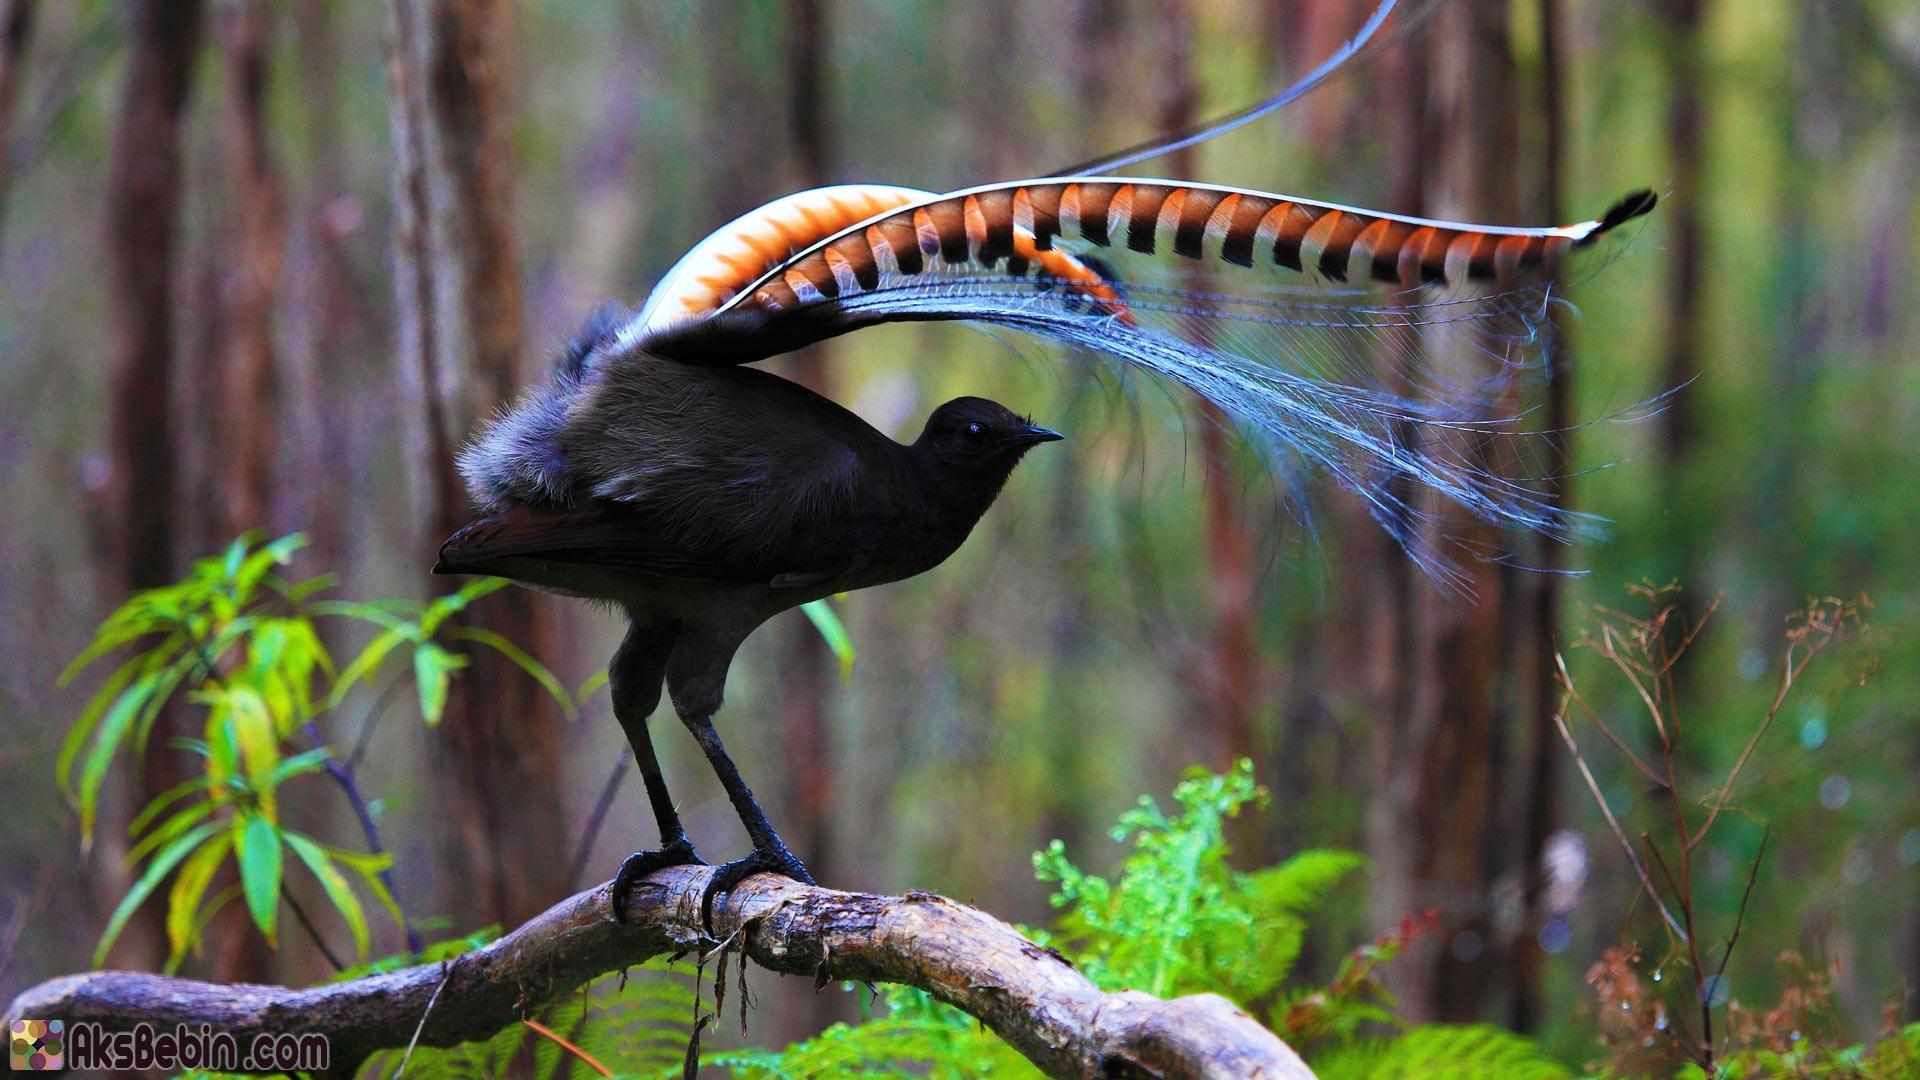 بالصور اجمل الطيور في العالم , احلي واروع اشكال الطيور المميزة في العالم 2162 6